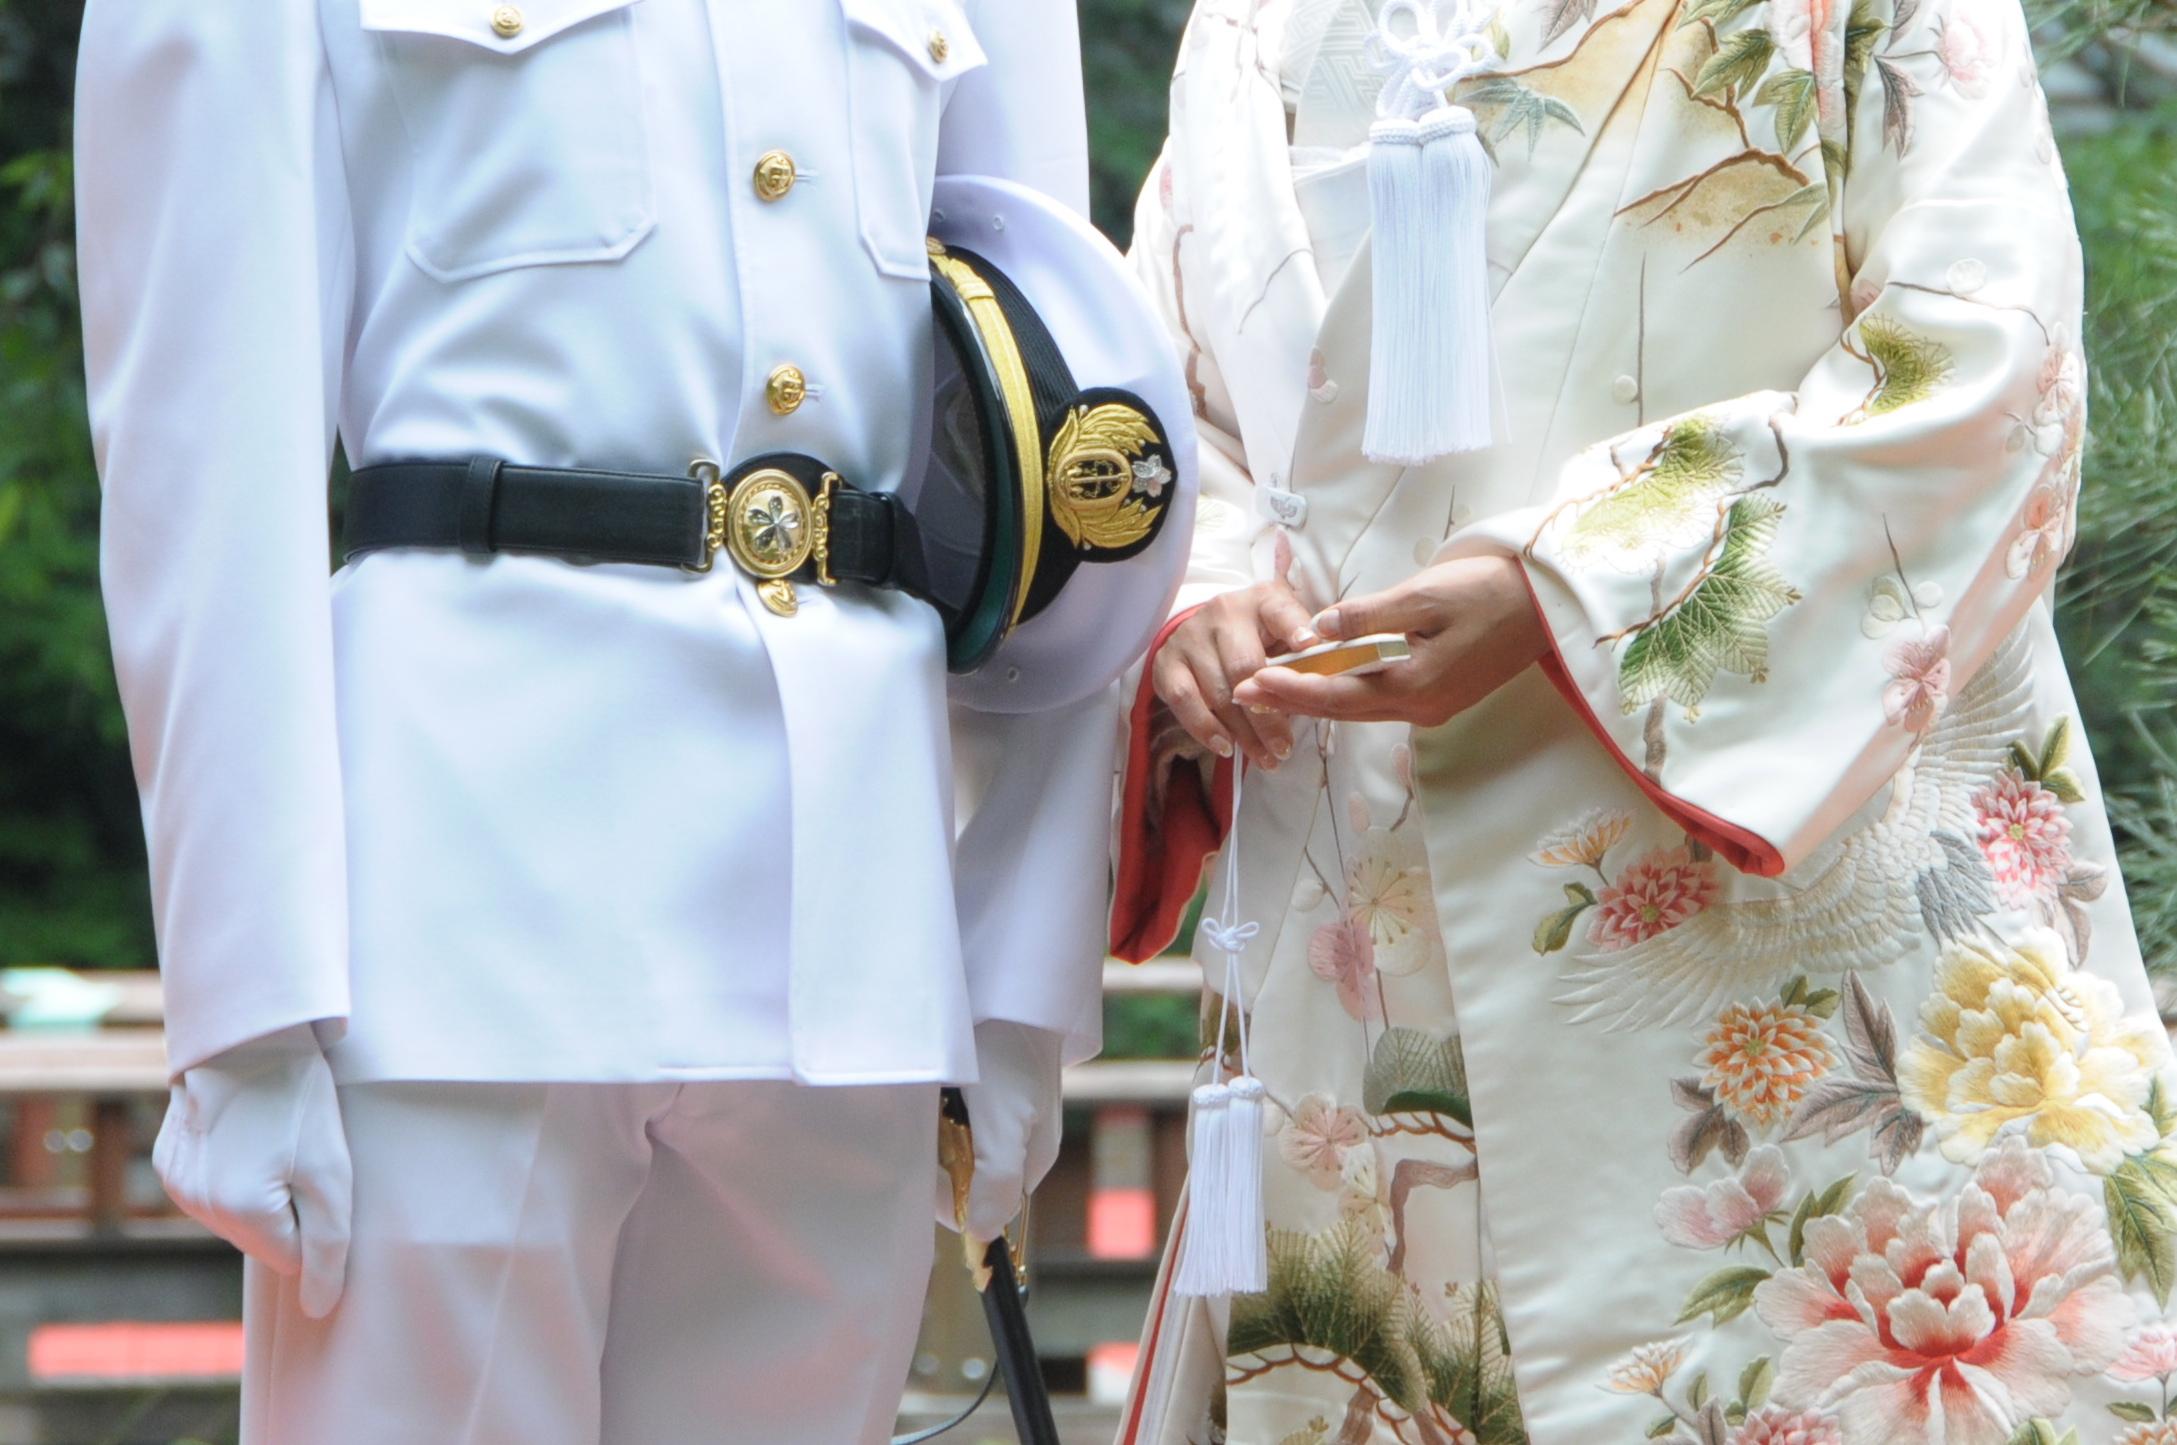 儀礼服は、結婚式で新郎の自衛官が着用します。もちろん、必ず着用しなければならないような決まりはありませんので、新郎新婦の好みで着るか着ないかは選べるのです